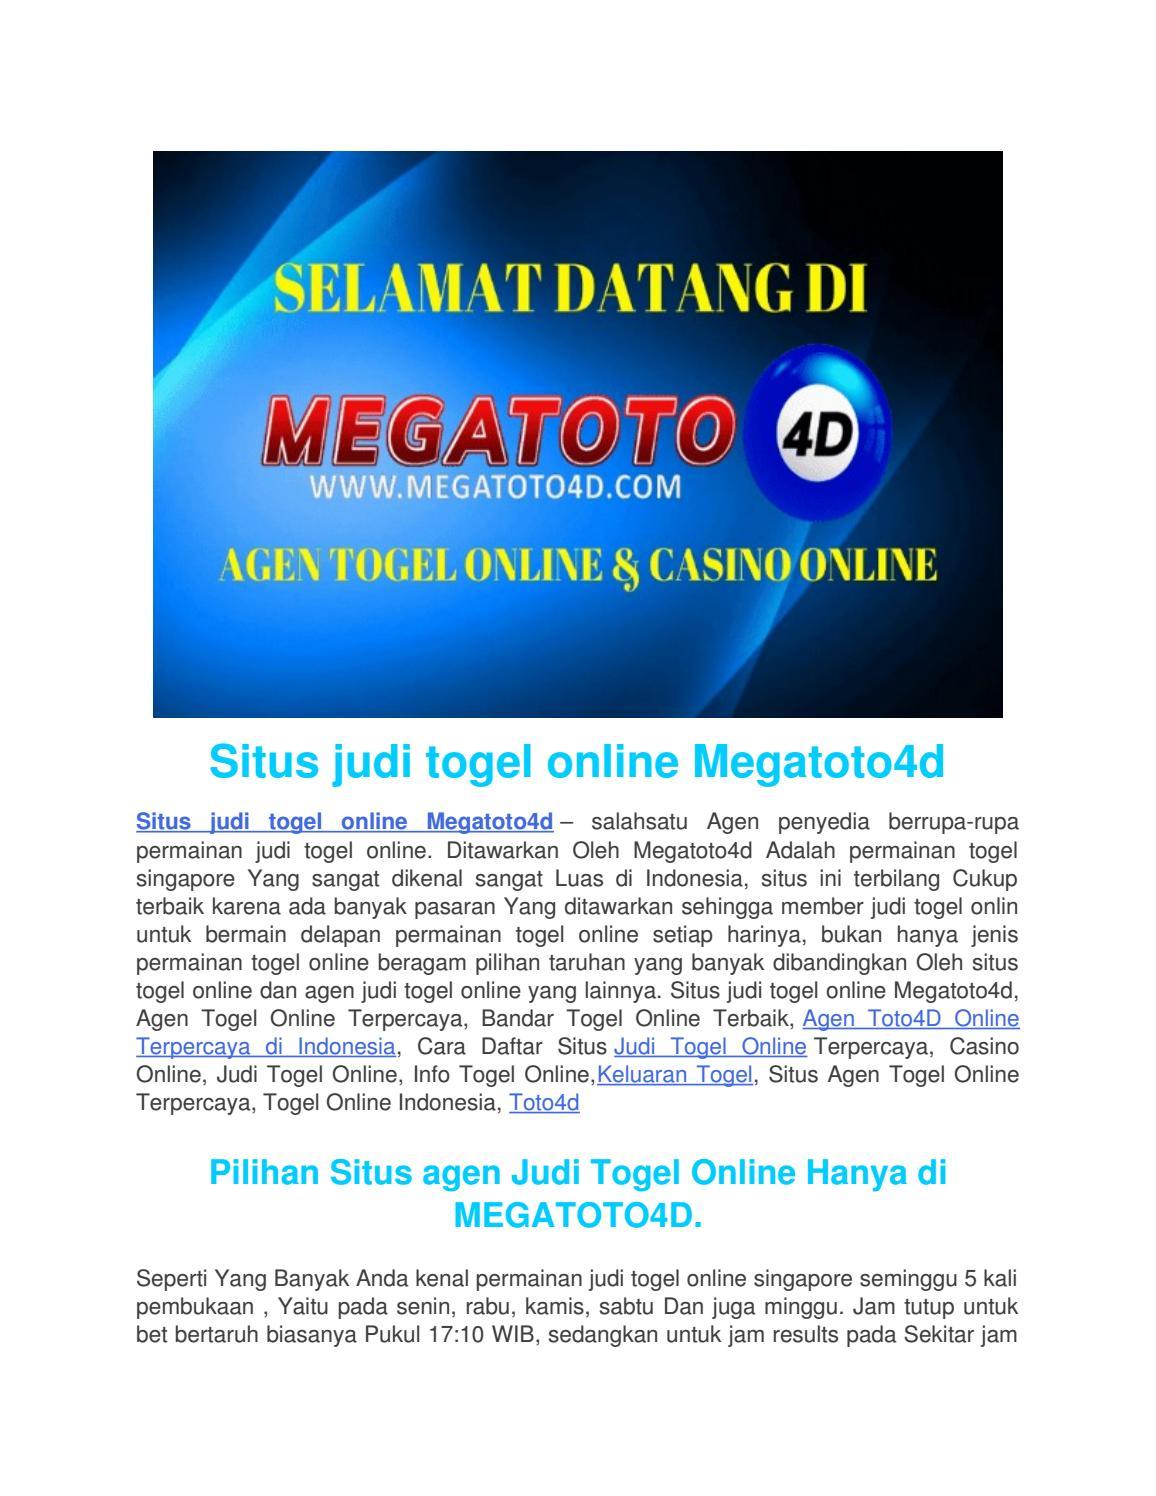 Situs Judi Togel Online Megatoto4d By Bolakominfo Club Issuu